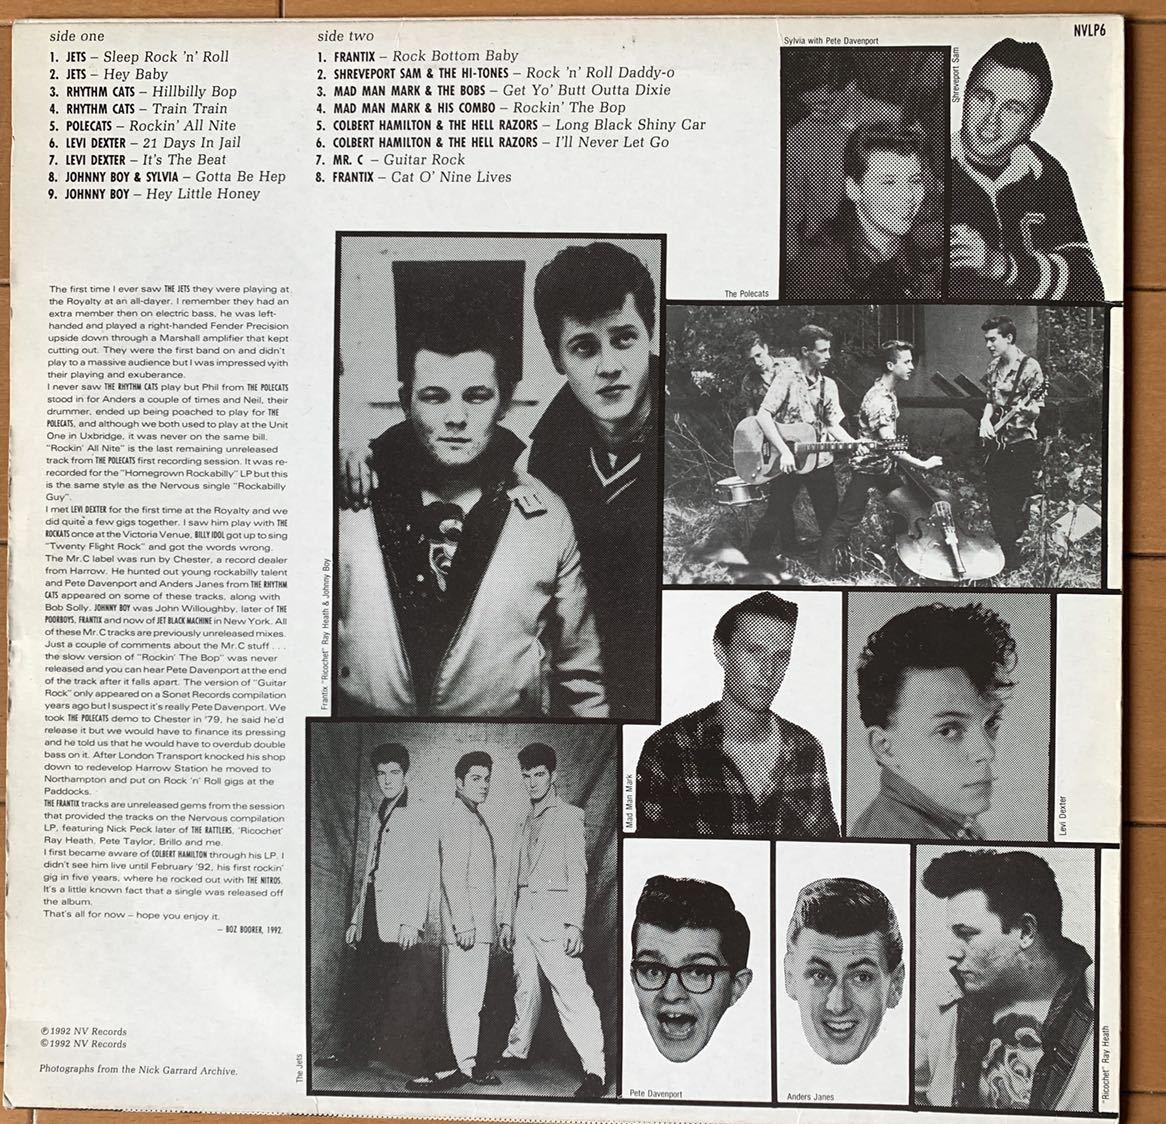 【値下】THE BIRTH OF BRITISH ROCKABILLY ロカビリー LP 1992年 ネオロカJETS,POLECATS,LEVI DEXTER,COLBERT HAMILTON,FRANTIX_画像2